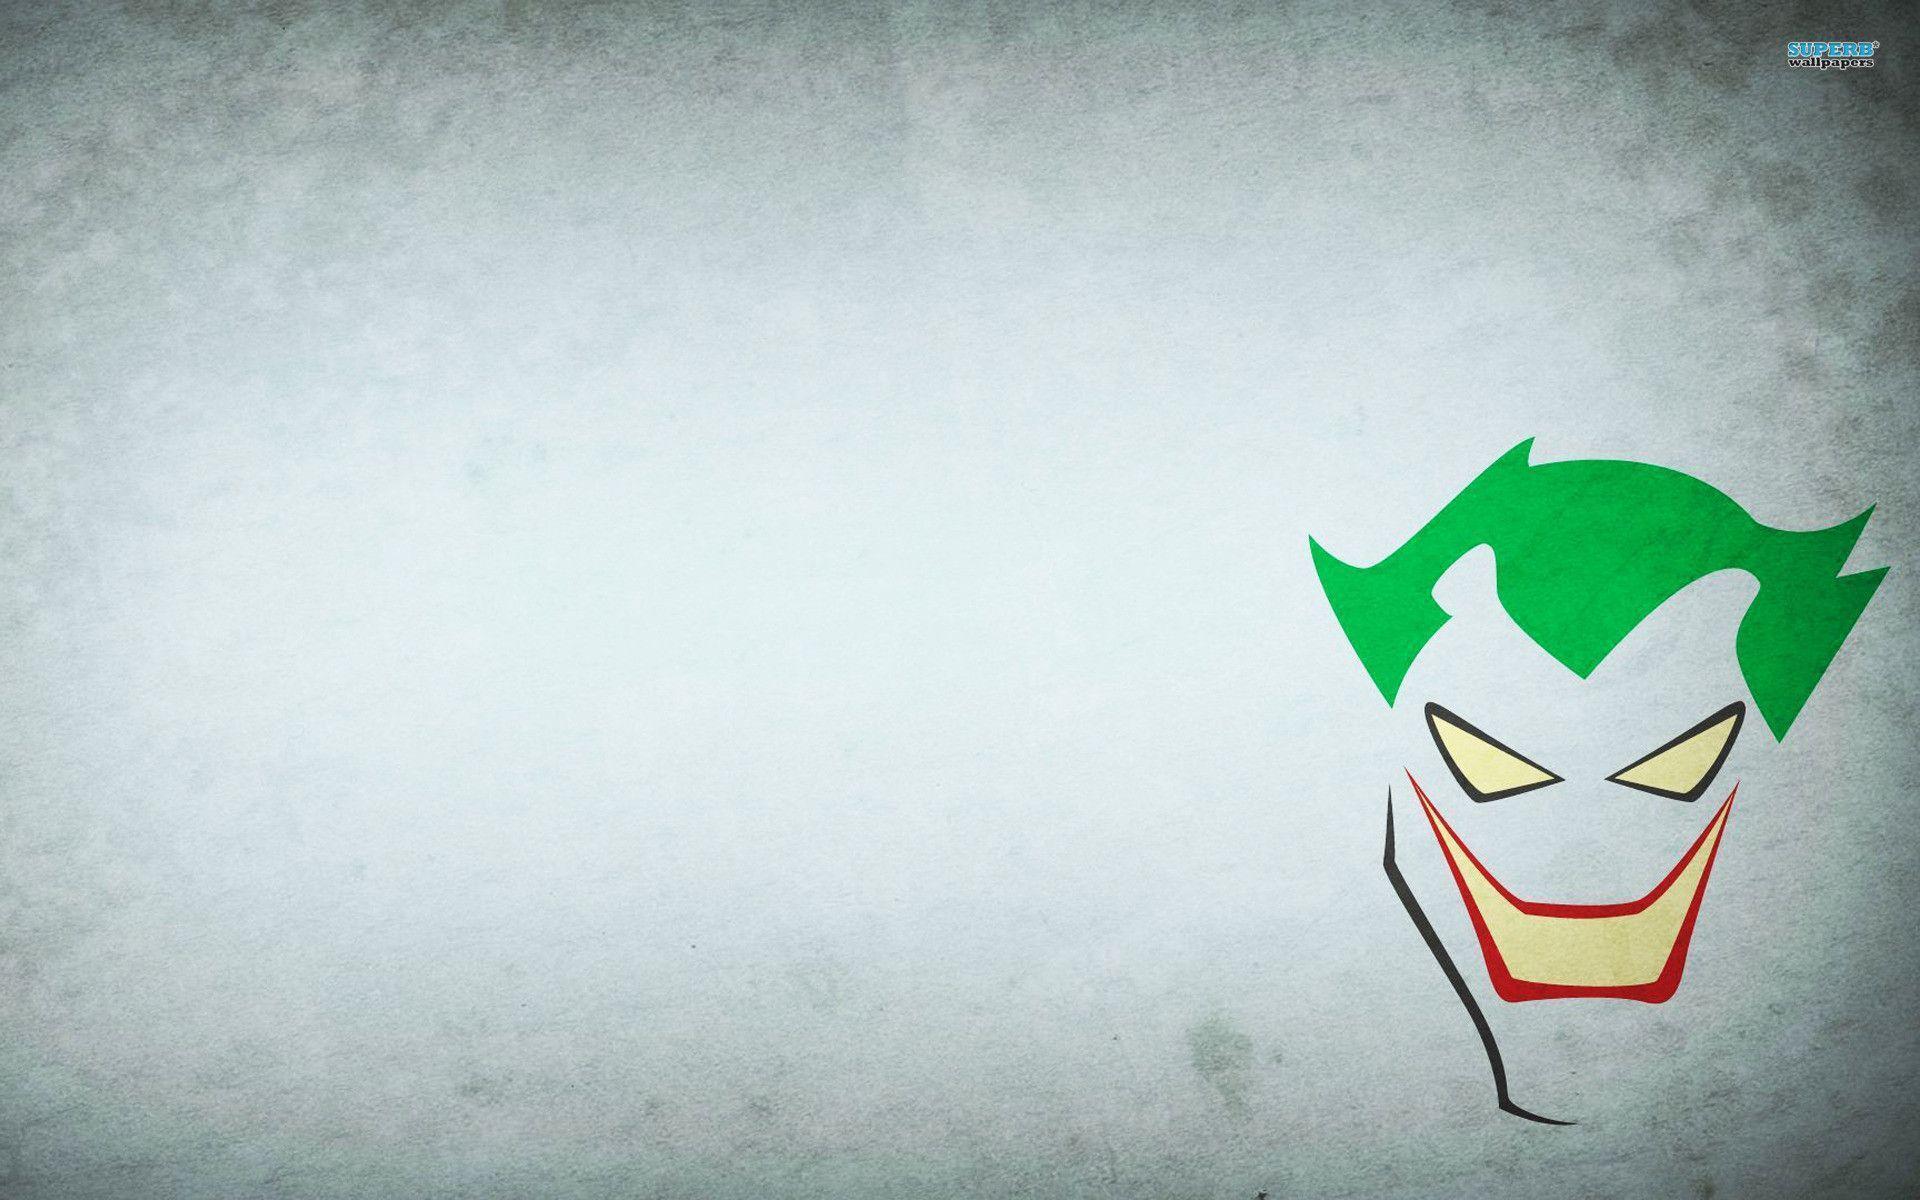 joker cartoon card wallpaper - photo #20